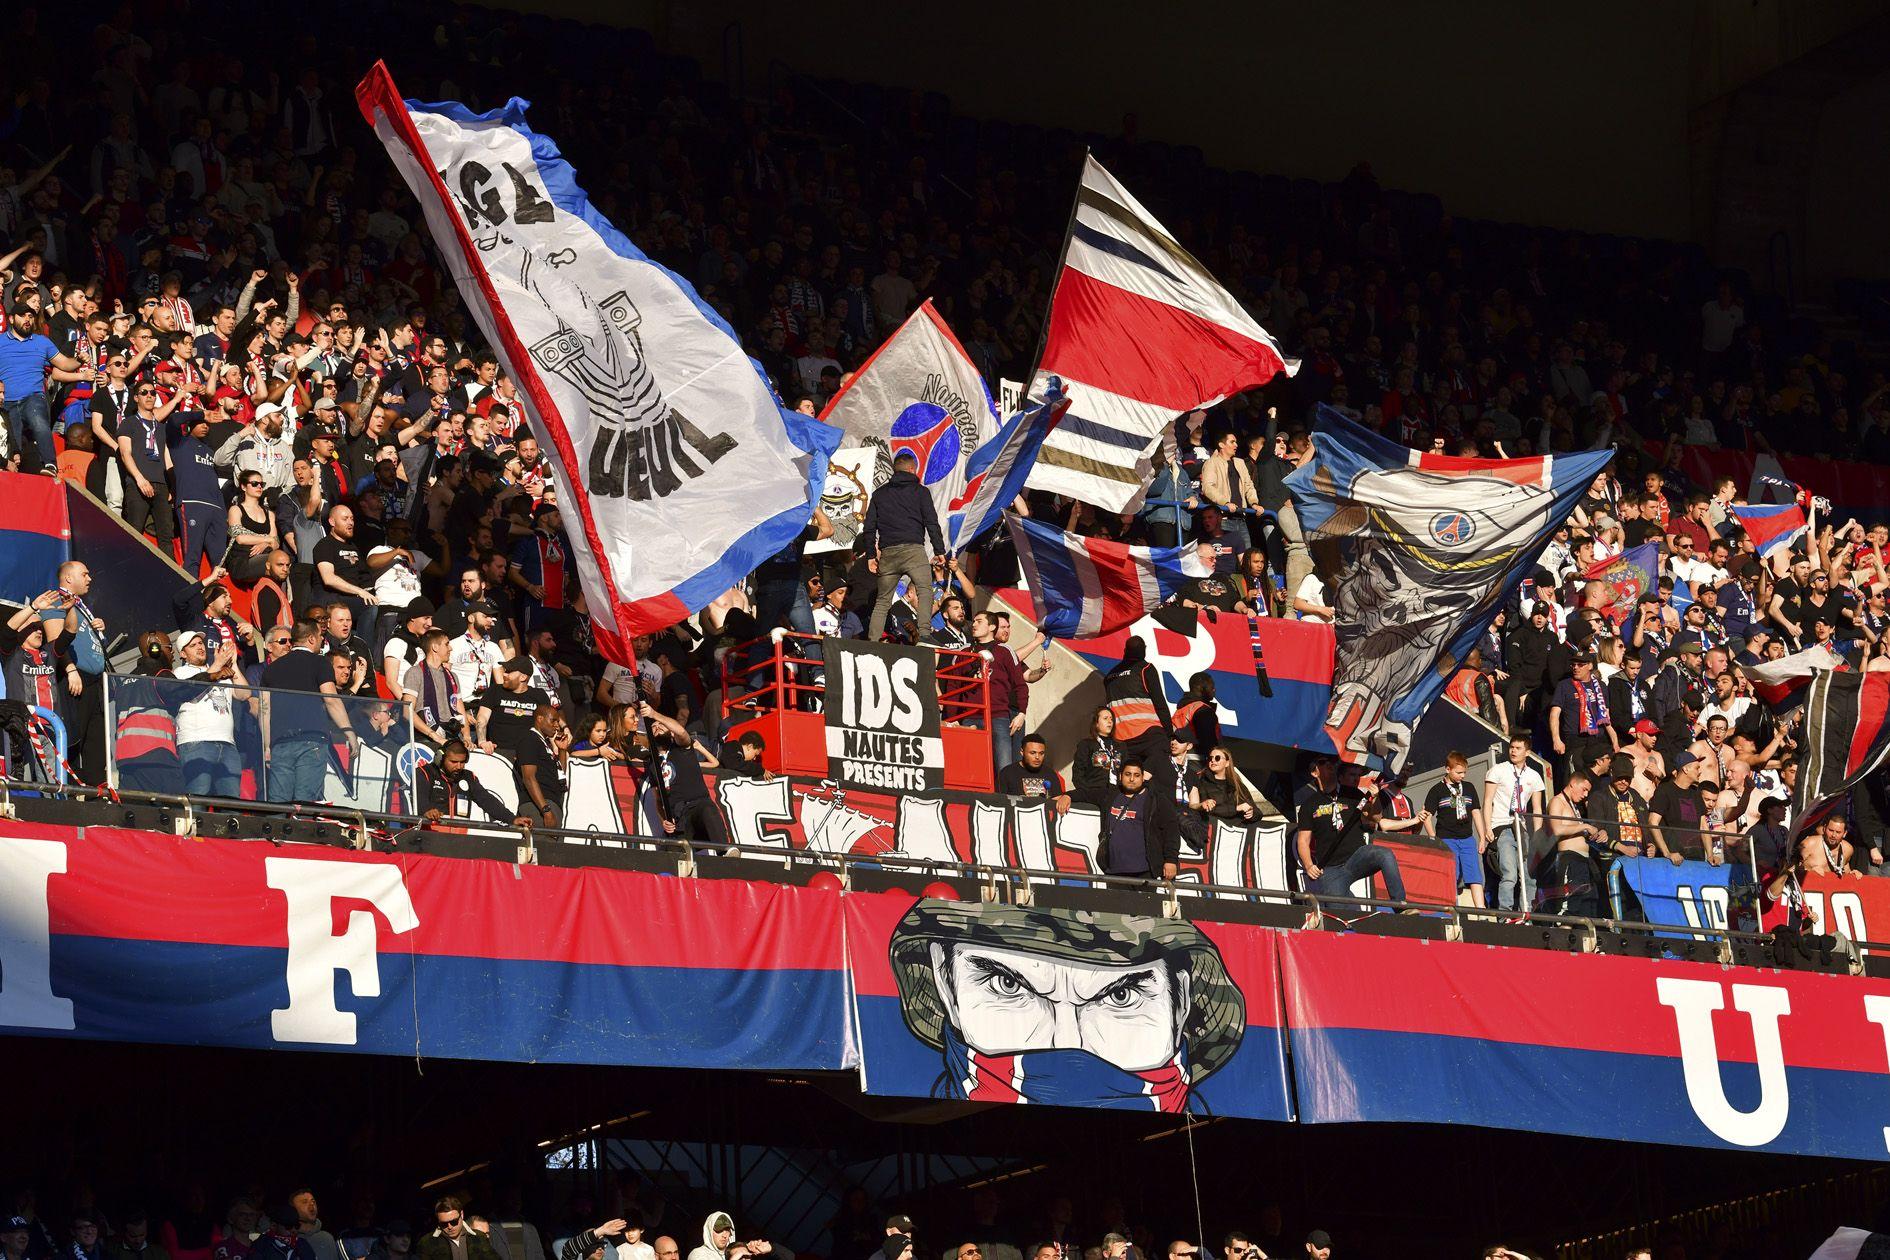 Football - Ligue 1 - PSG-OM : après Manchester, Paris doit bien cela à ses supporters